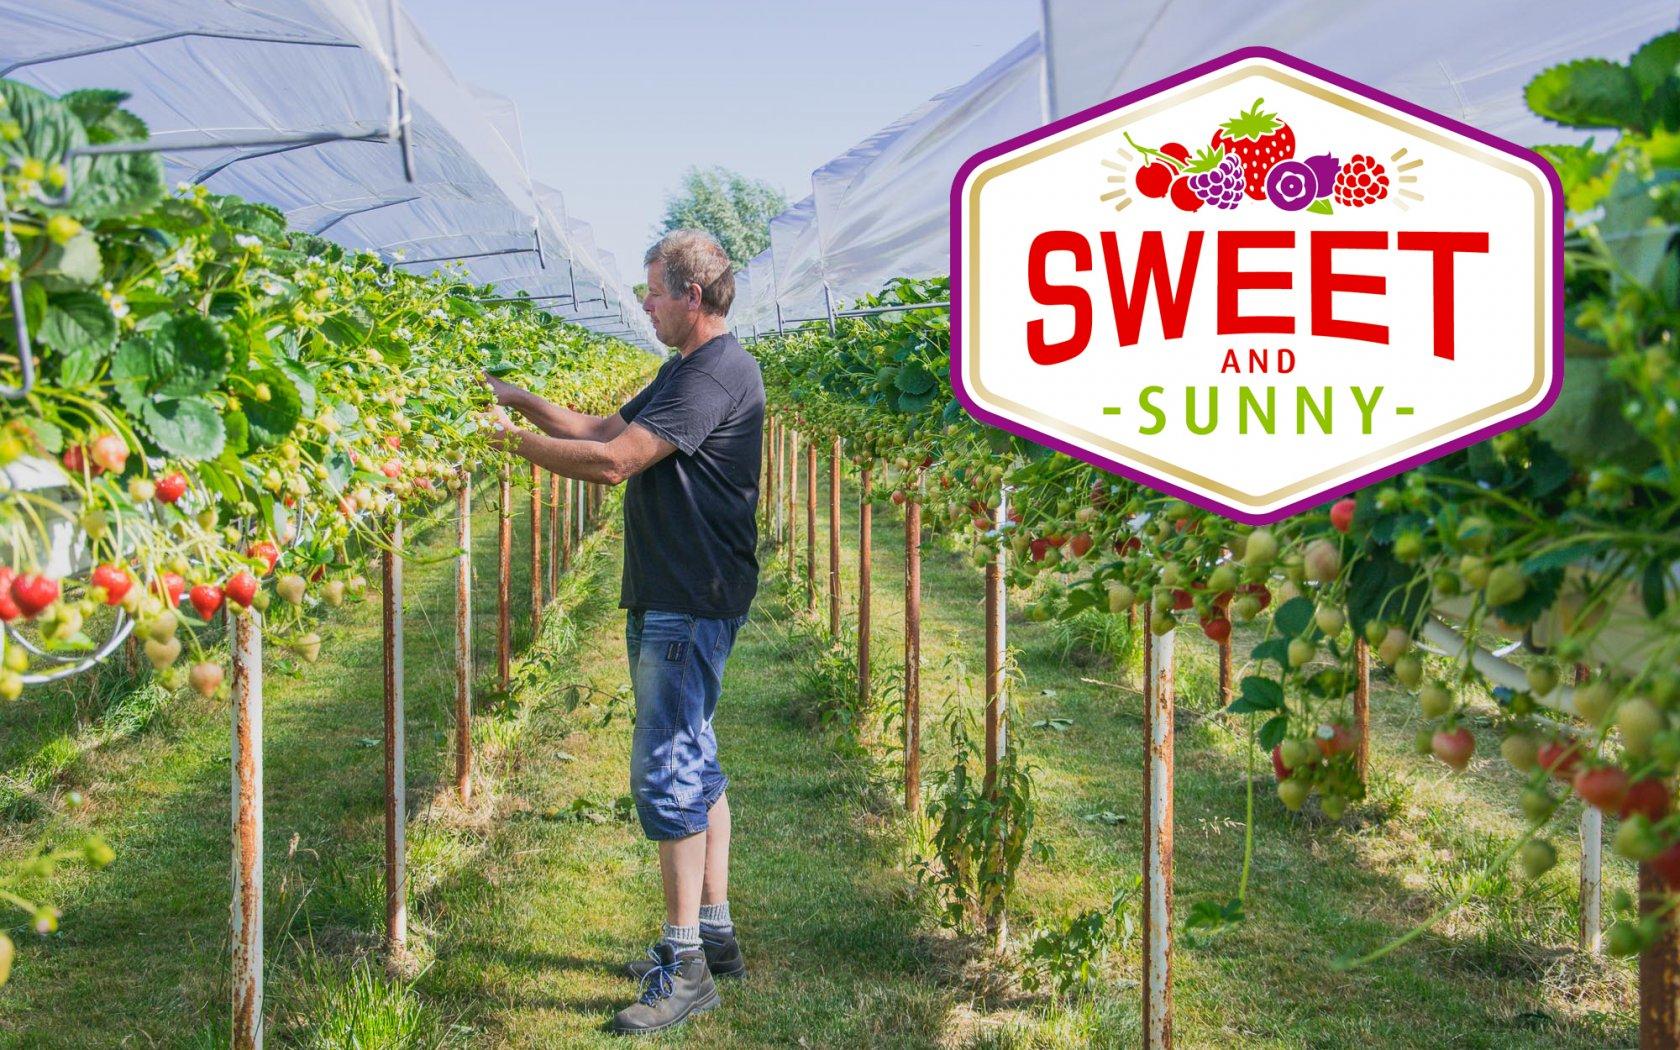 Lancering Sweet and Sunny assortiment van aardbeien, frambozen, blauwe bessen, rode bessen en bramen